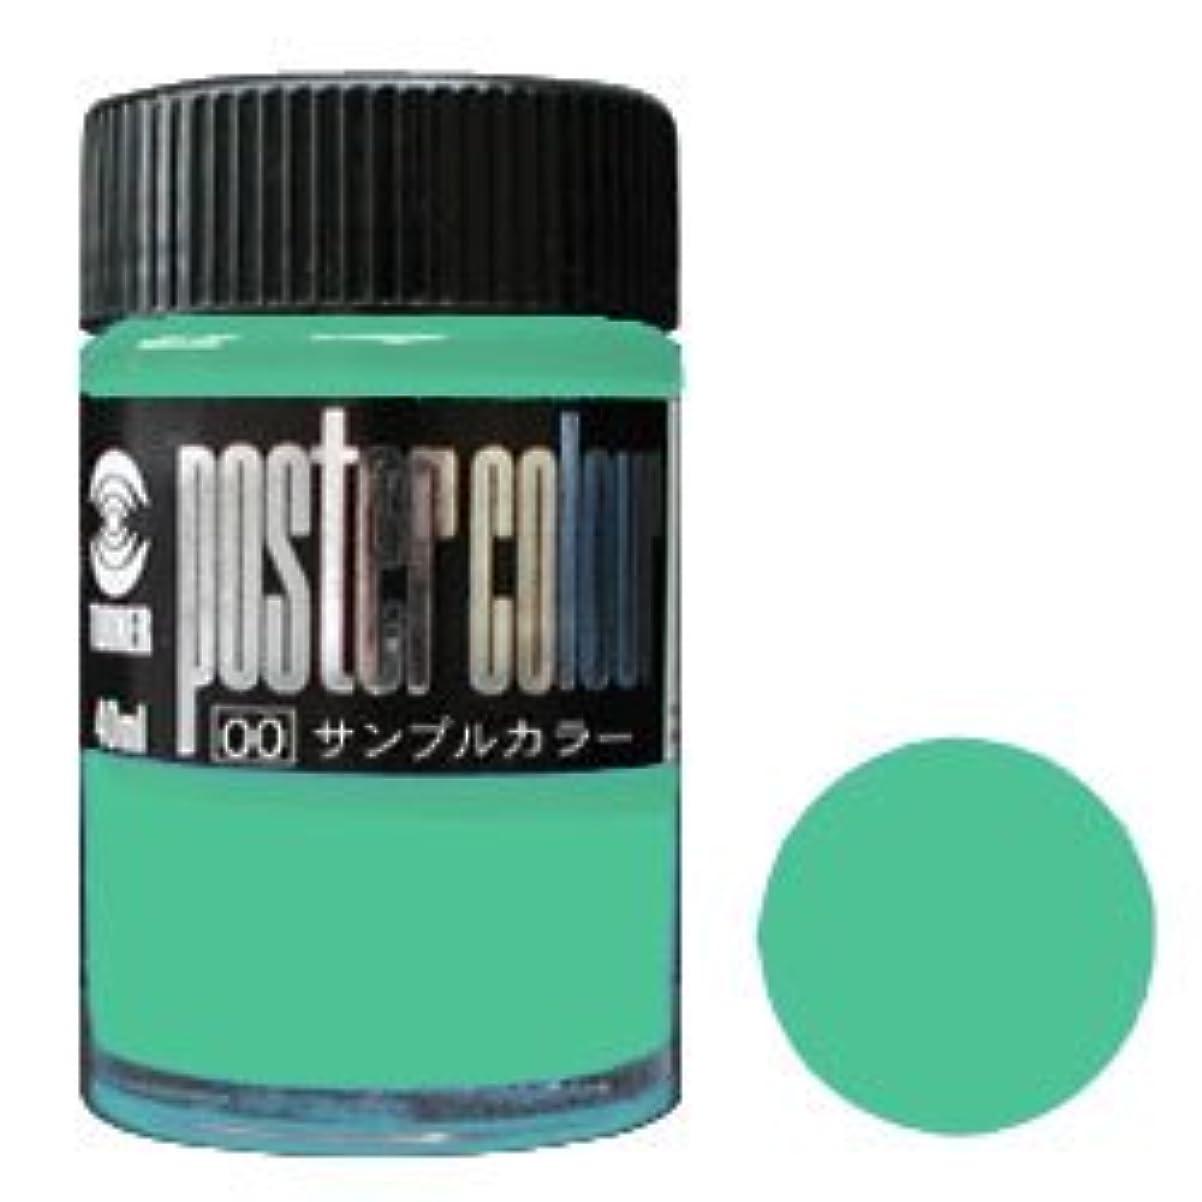 移行するスロープタワーターナー色彩 ポスターカラー40ml #22 PC40 エメラルドグリ-ン